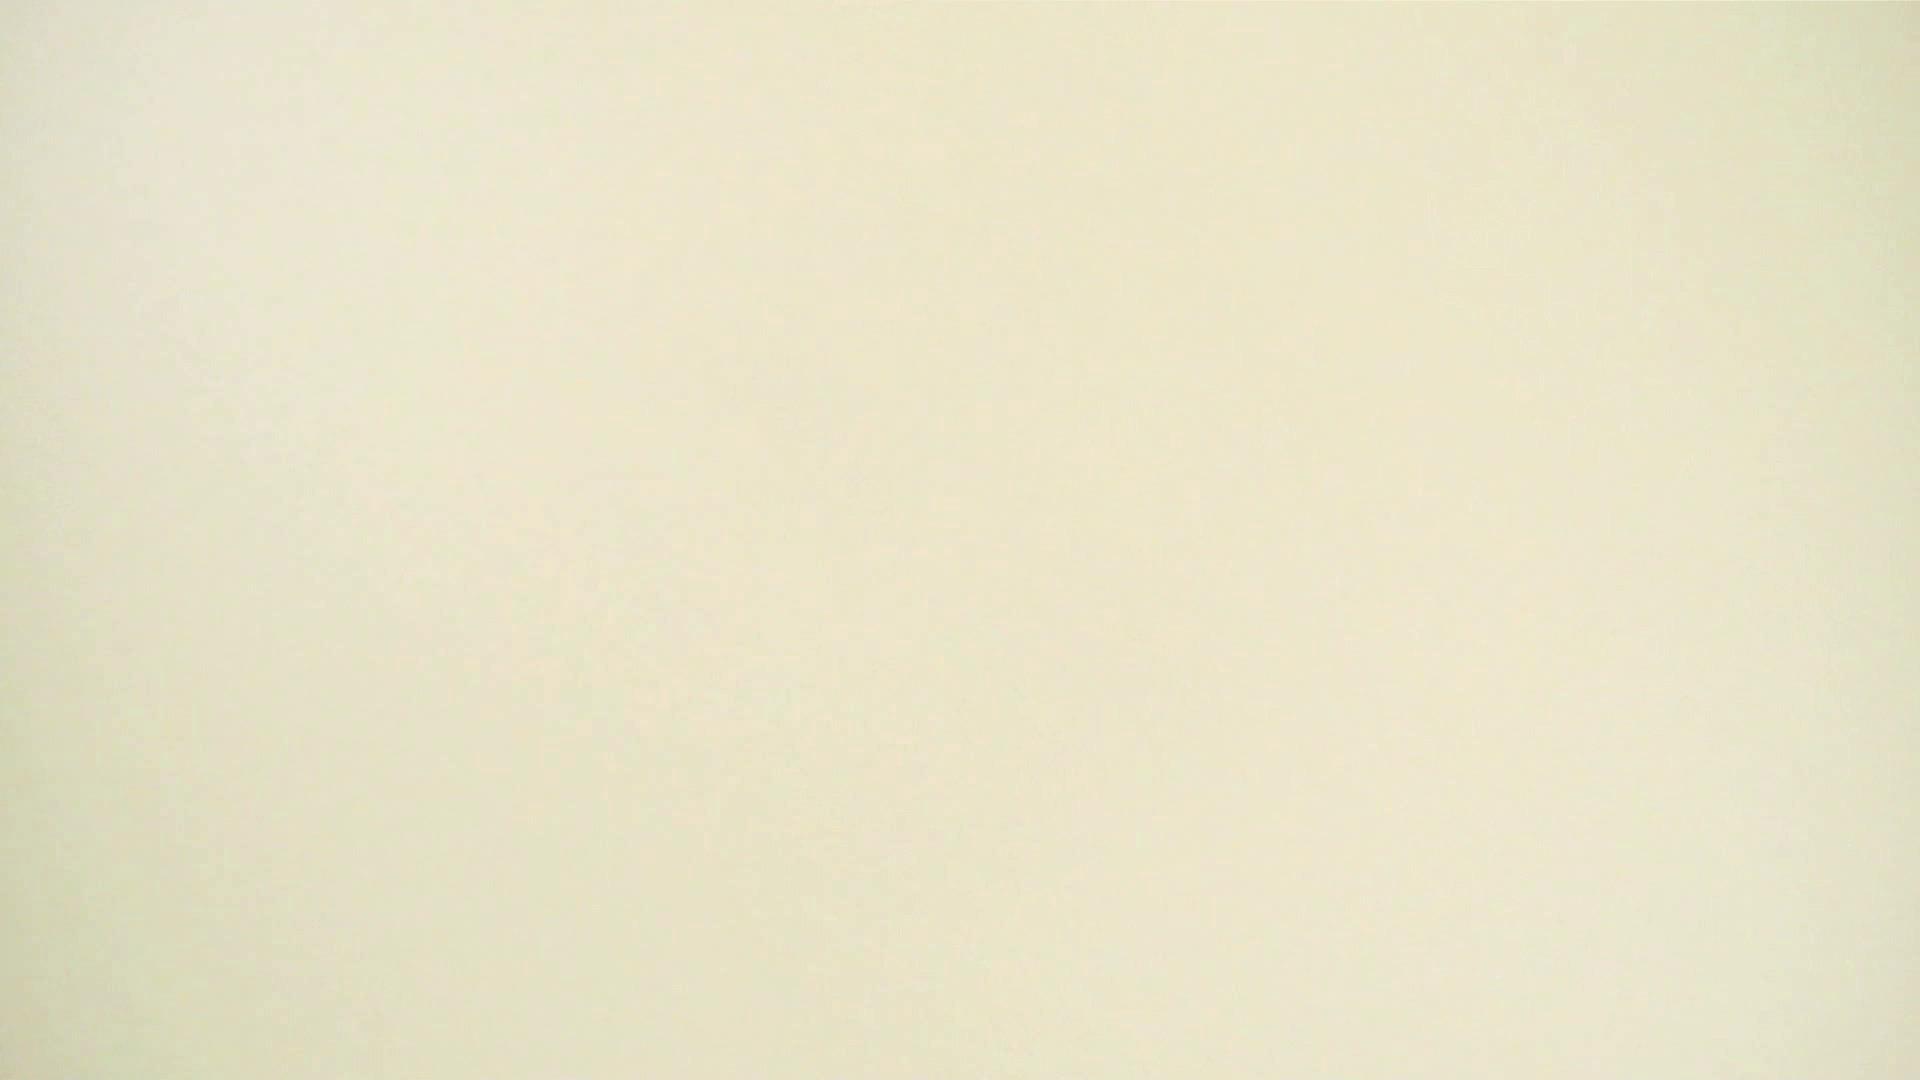 お市さんの「お尻丸出しジャンボリー」No.02 女子トイレ のぞきおめこ無修正画像 42連発 38